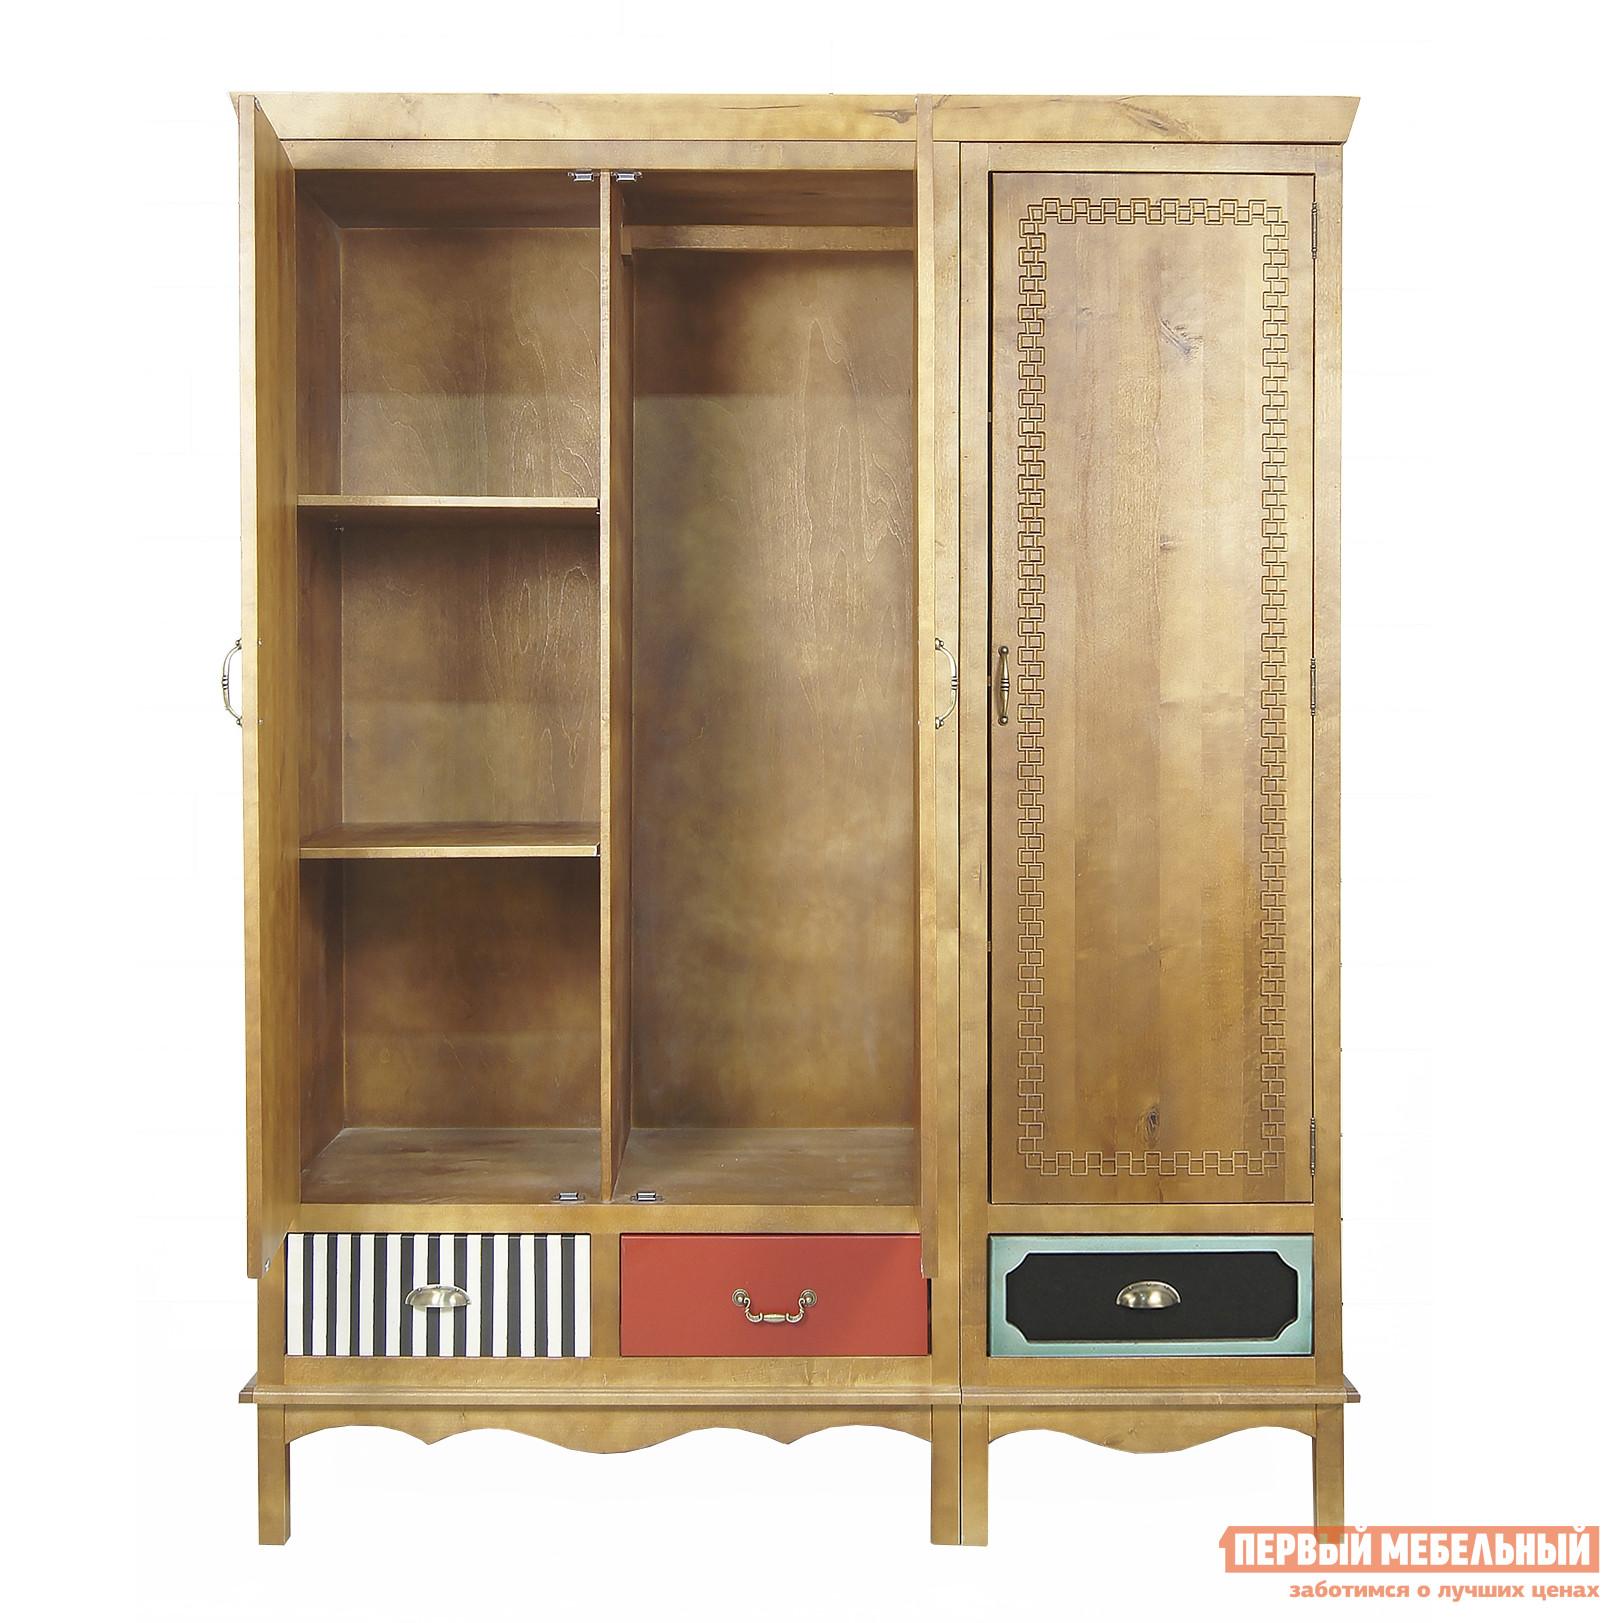 Трёхстворчатый деревянный шкаф для одежды gouache.